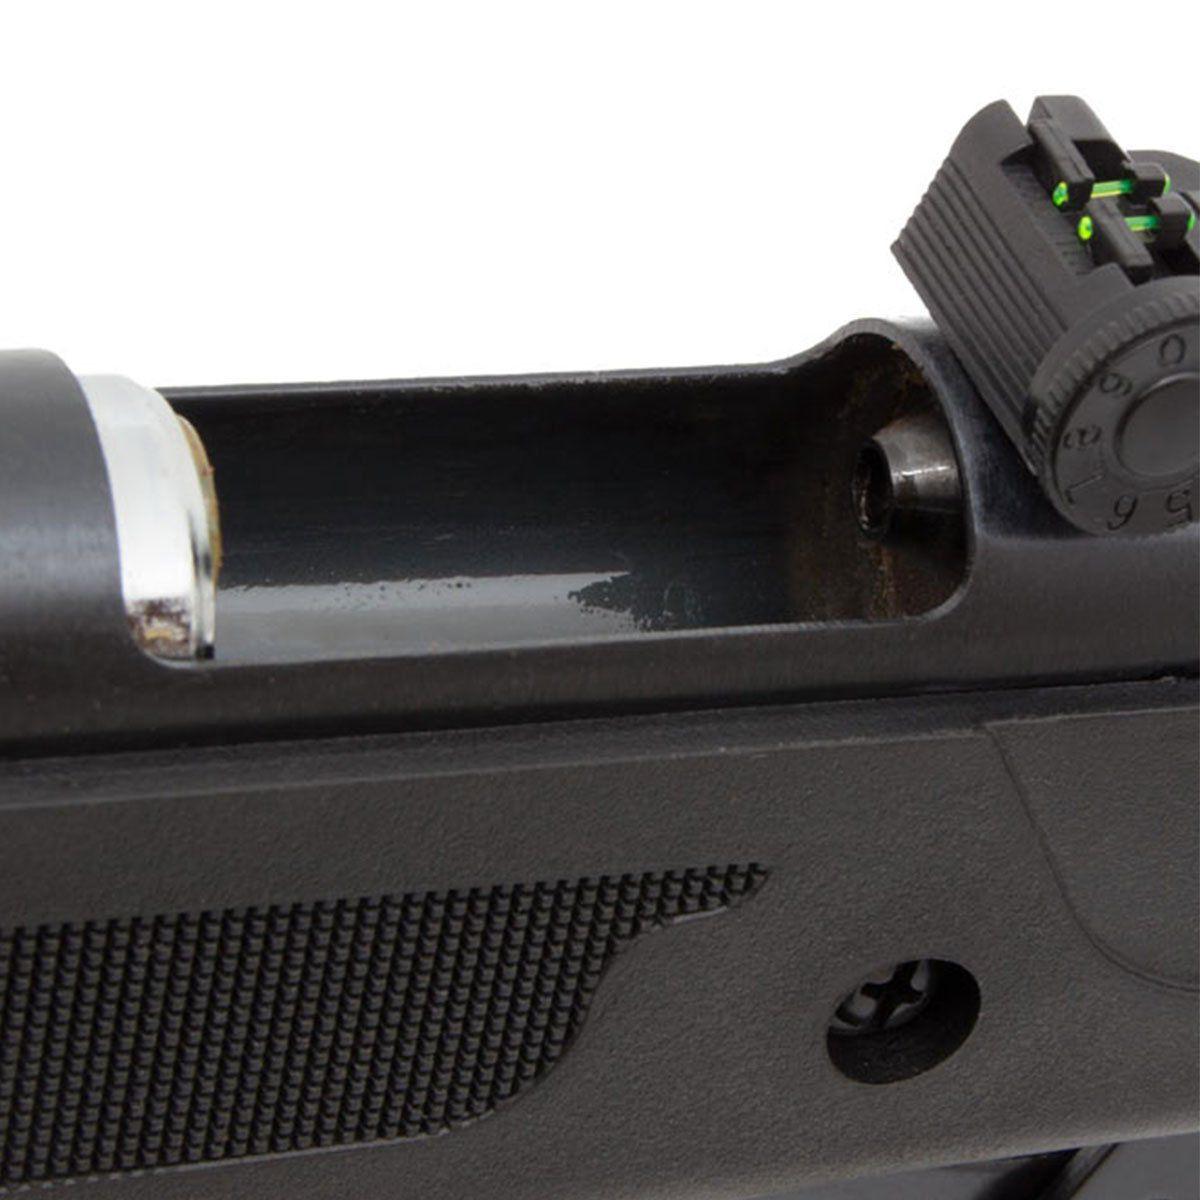 Carabina de Pressão Fixxar Black Cano de Metal Spring 5,5mm